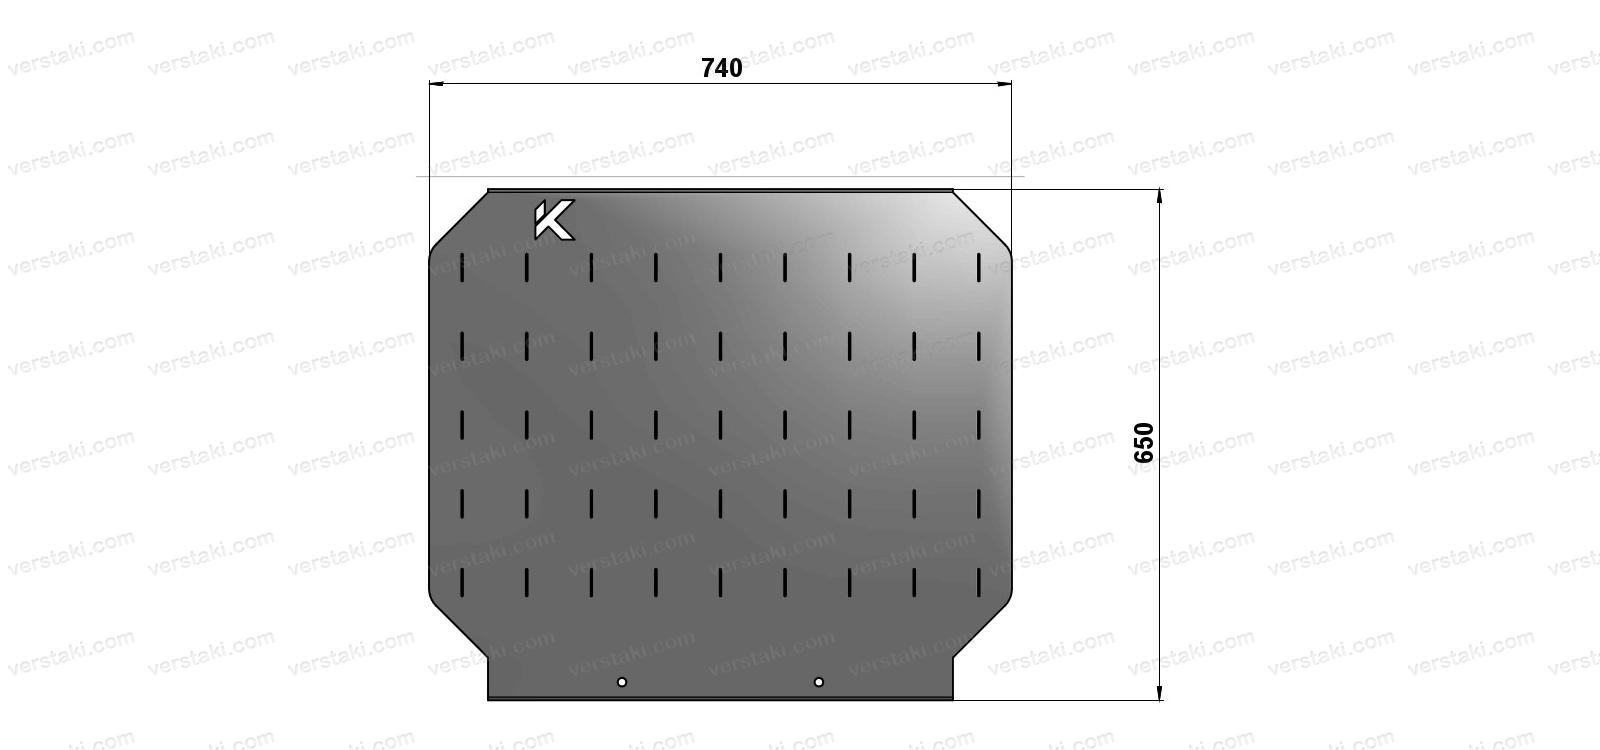 Чертеж экрана для слесарного верстака шириной 740 мм